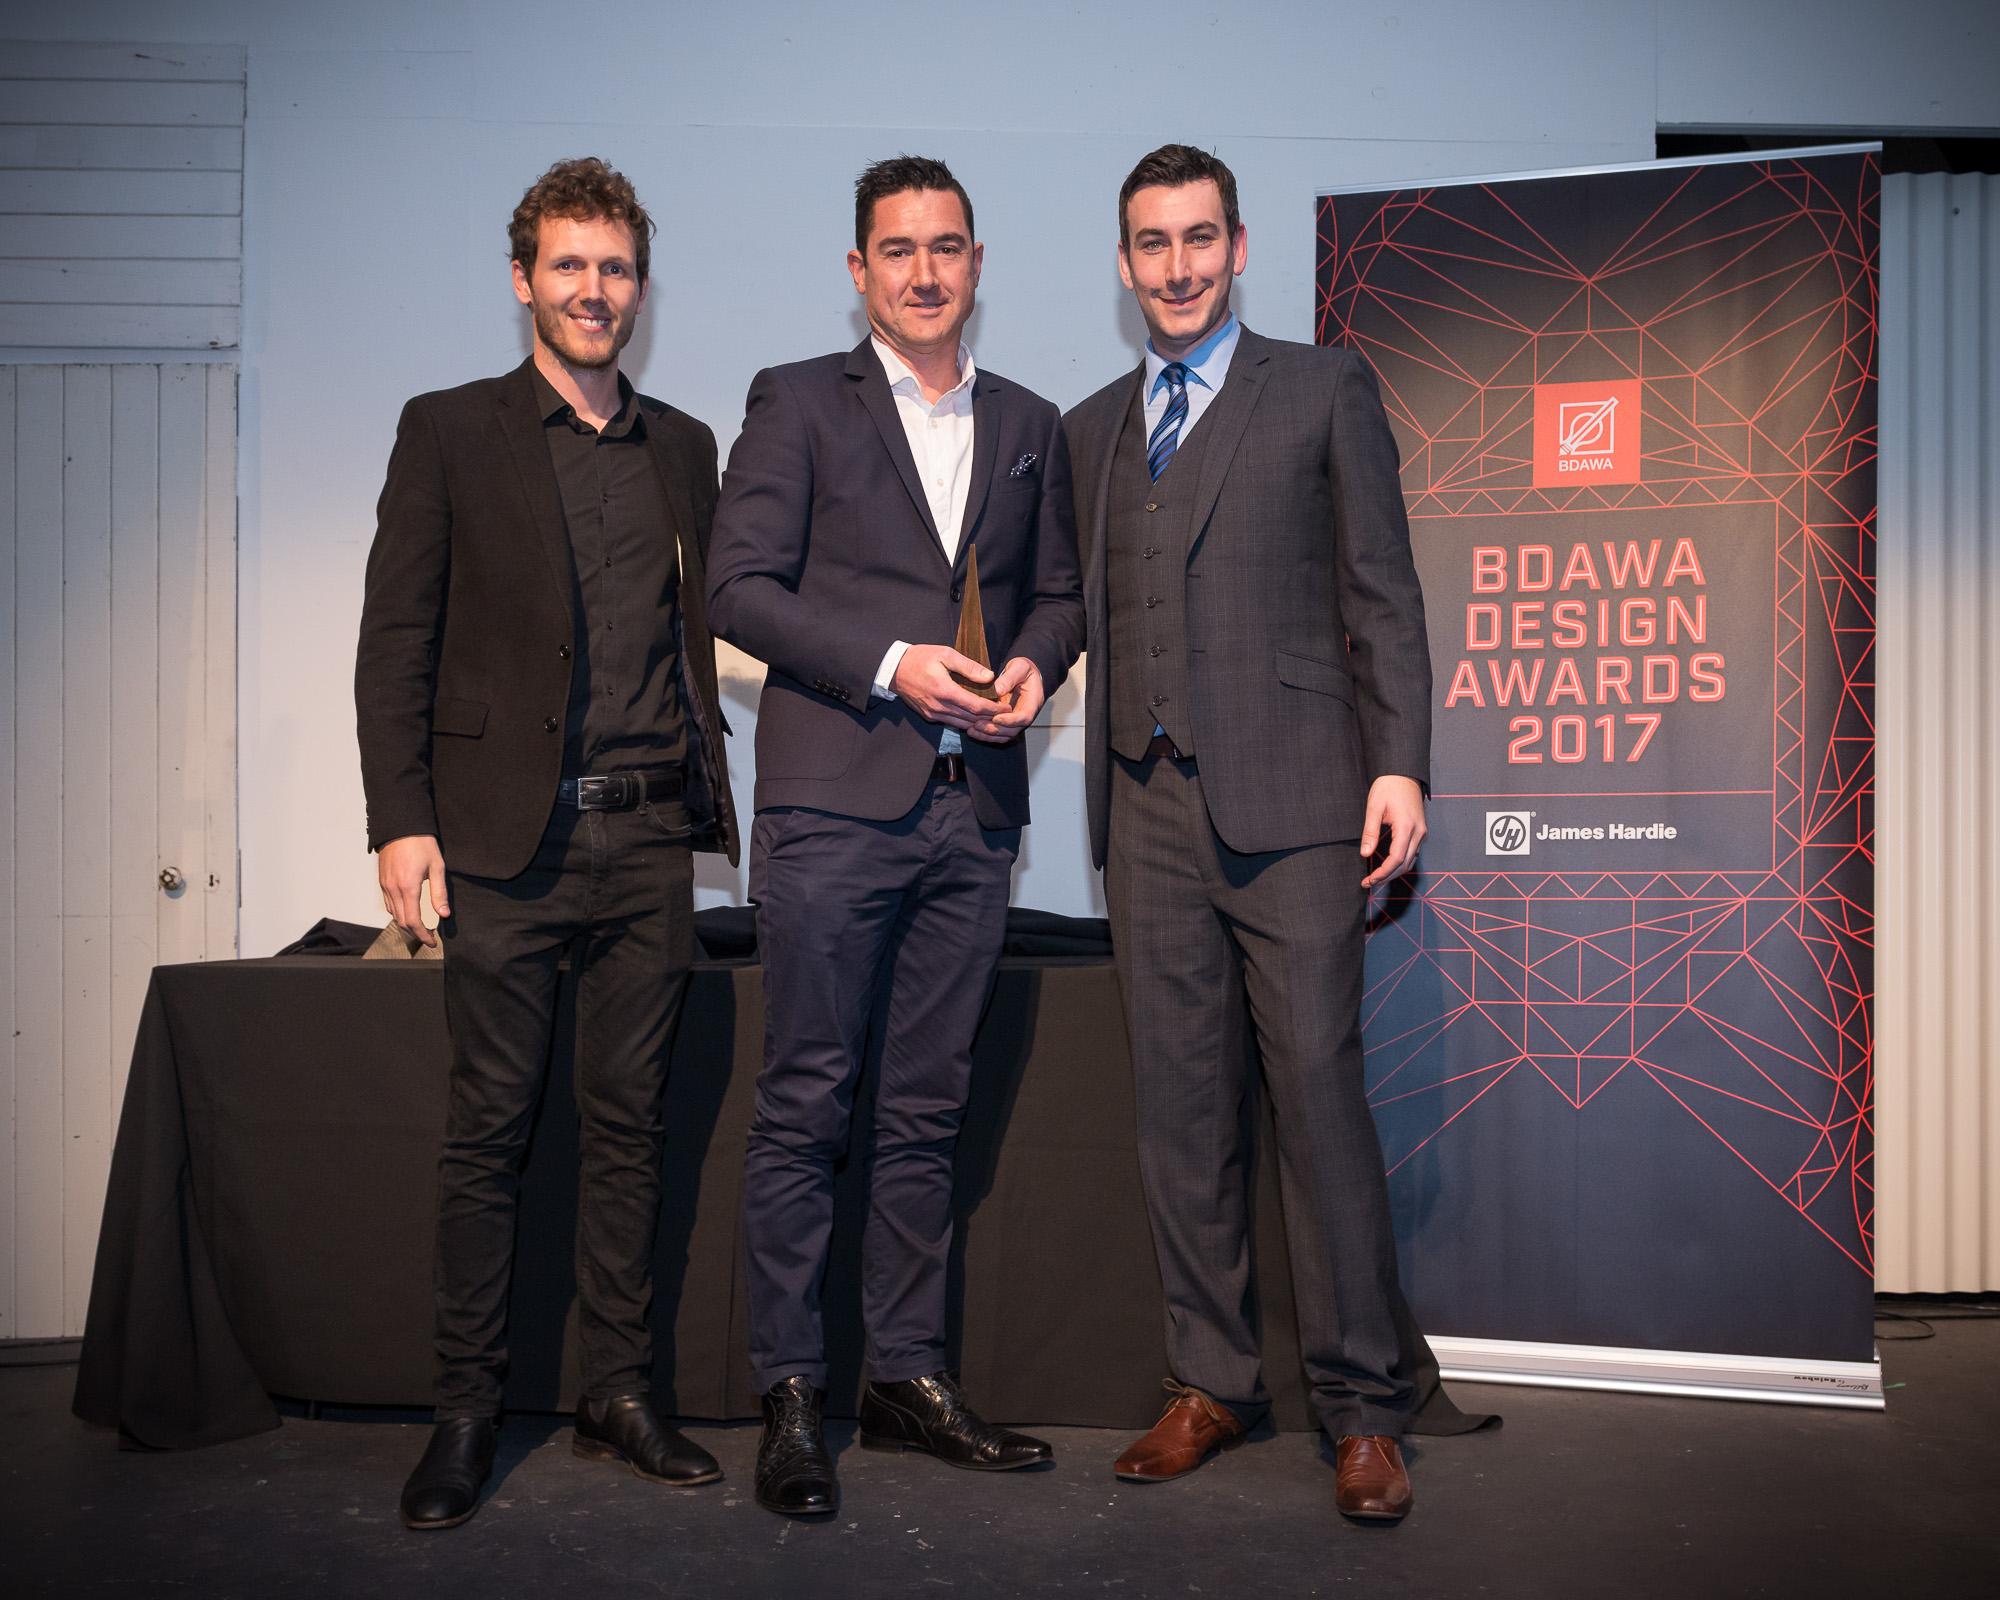 0180 BDA WA Awards 2017 _JHG7470.jpg